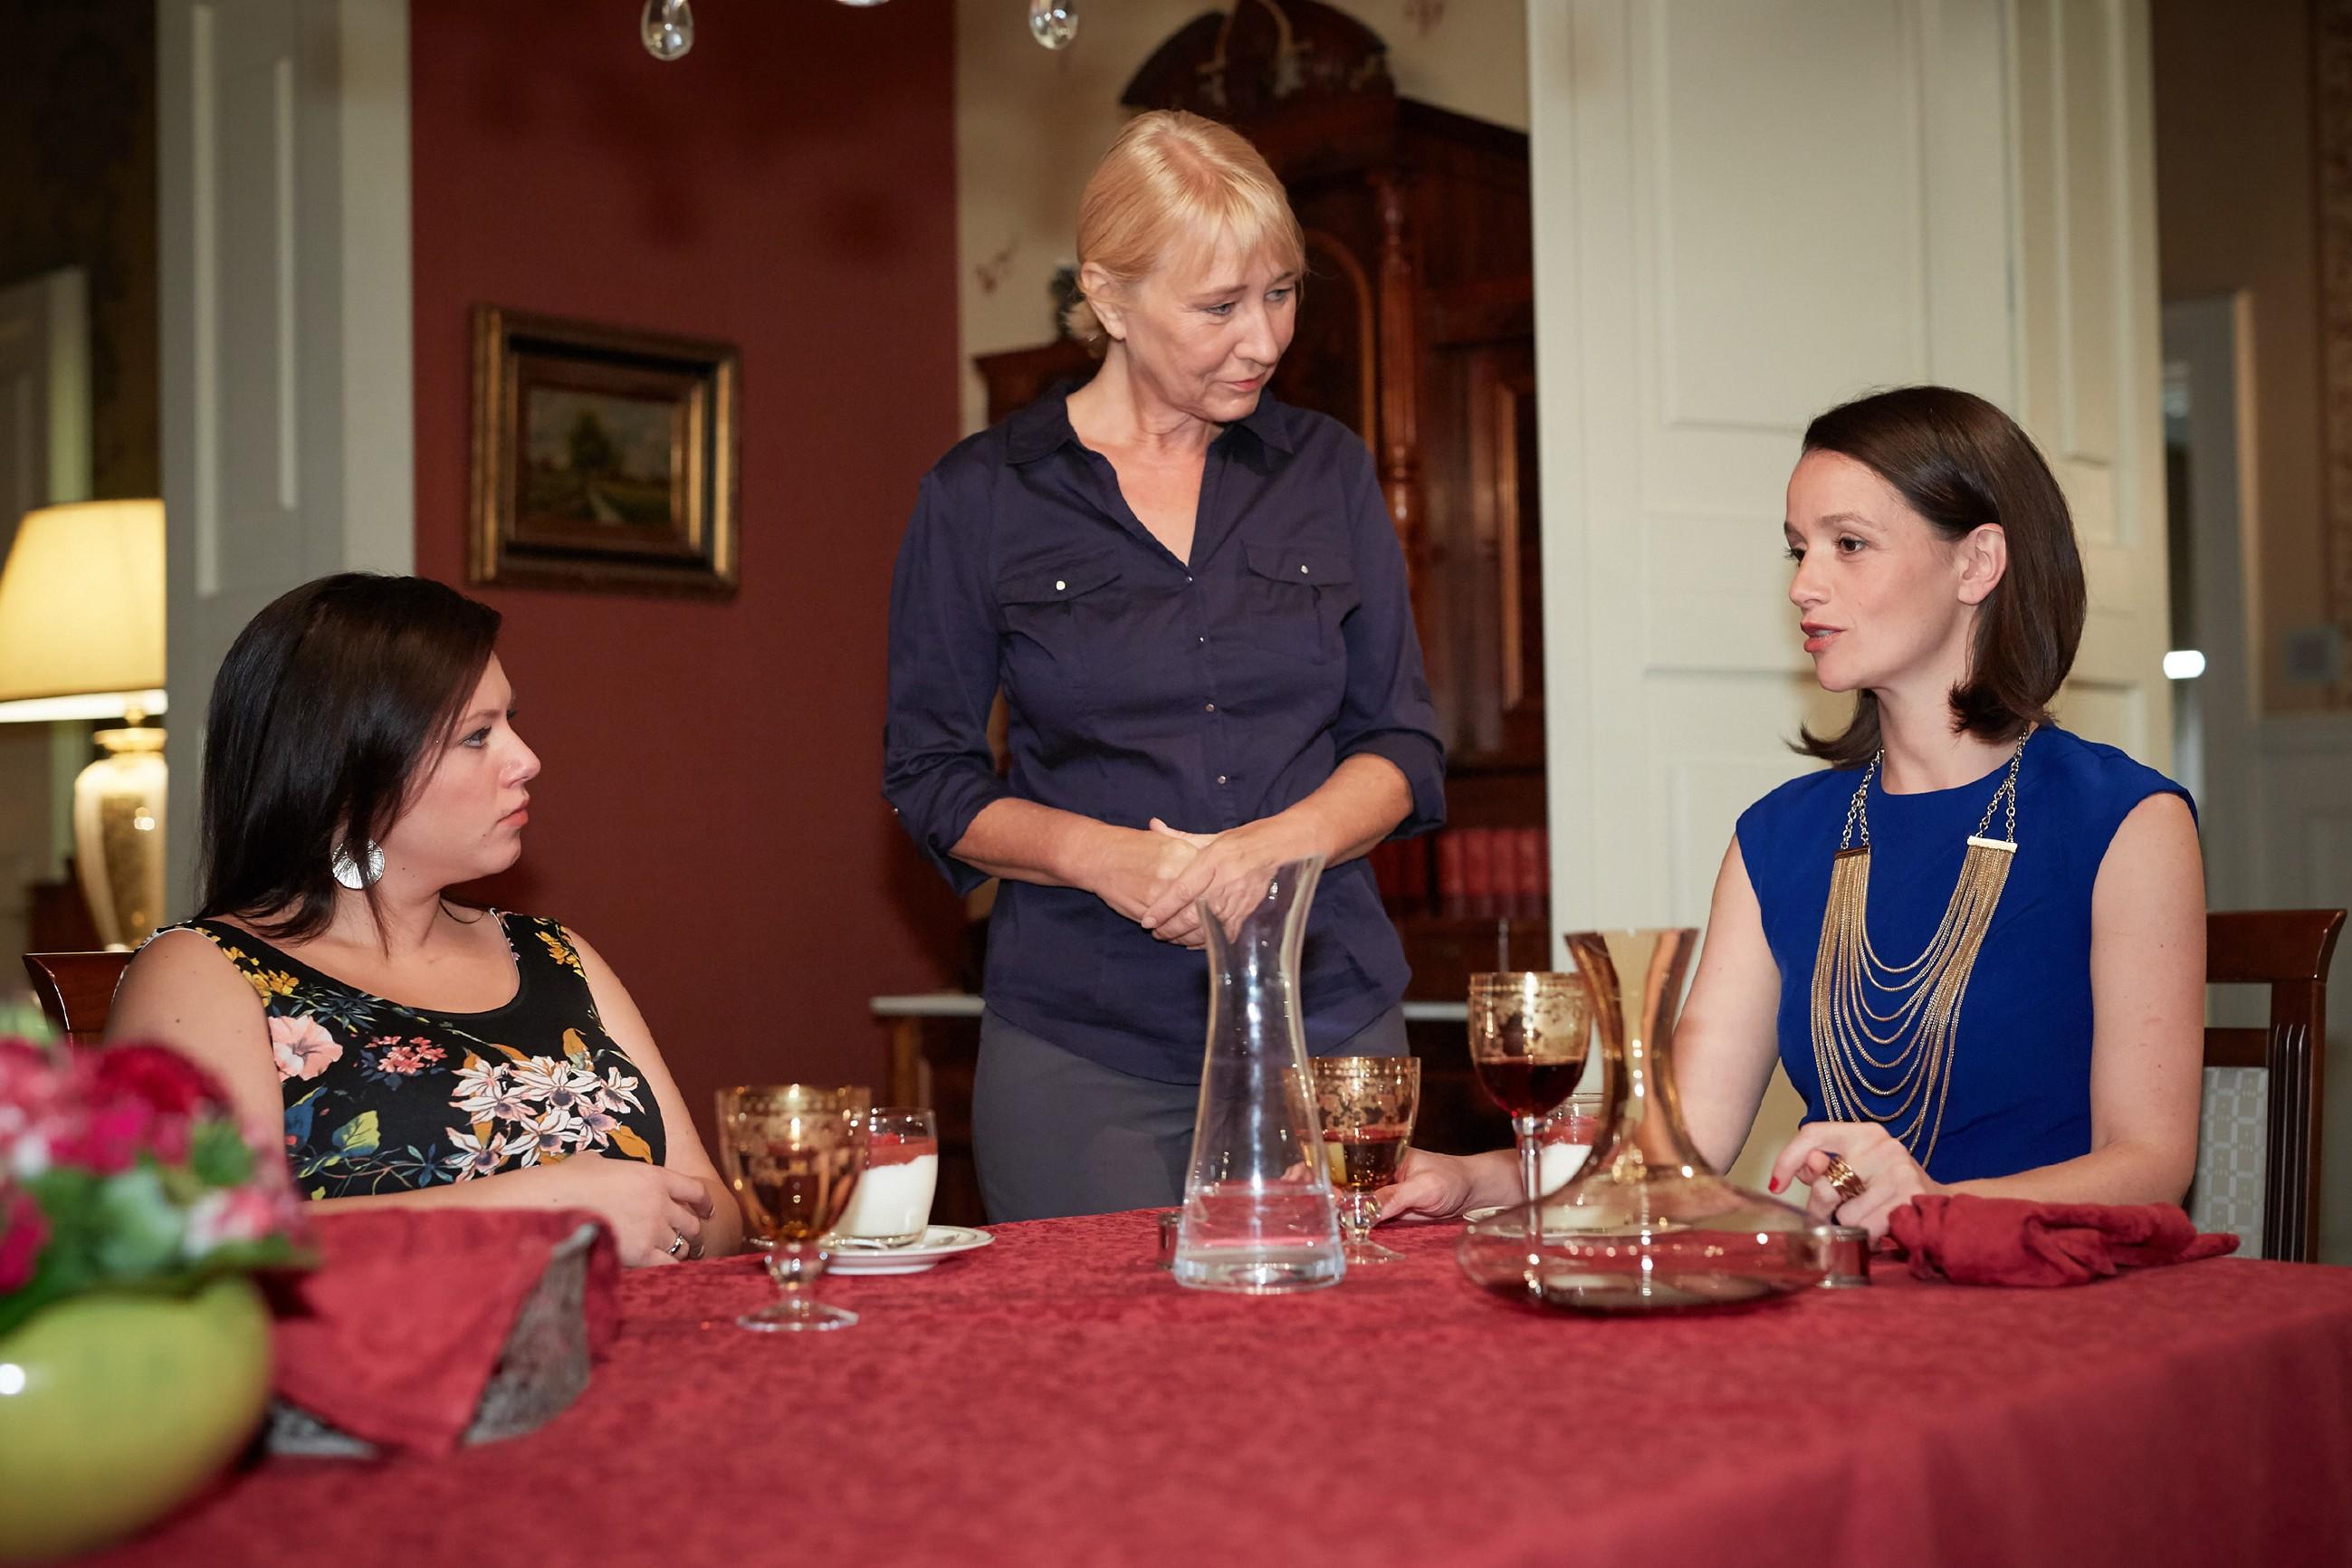 Vanessa (Julia Augustin, l.) und Jenny (Kaja Schmidt-Tychsen, r.) unterhalten sich mit Frau Scholz (Inge Brings) und haben weiterhin nicht die geringste Ahnung, dass ihre Mutter entführt ist. (Quelle: RTL / Guido Engels)